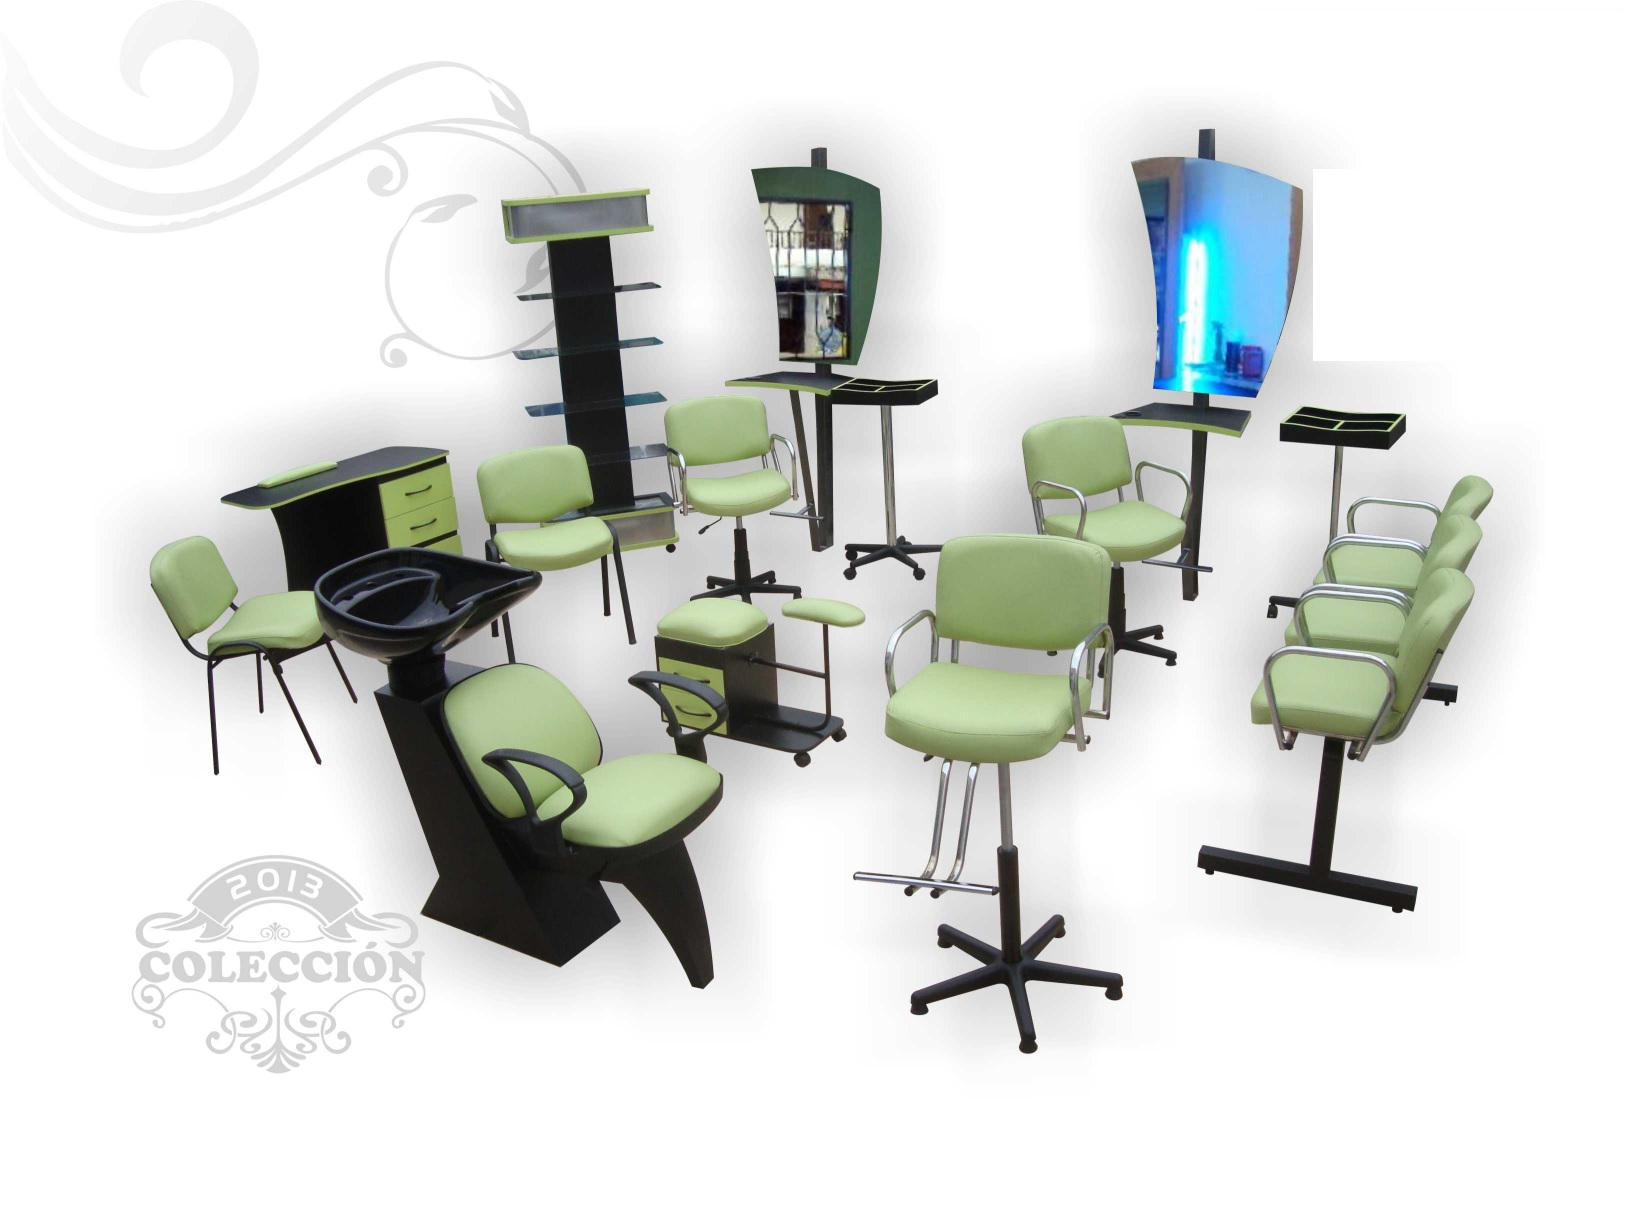 Vendo muebles para est tica equipos completos desde 9 900 for Fabricantes de muebles para estetica